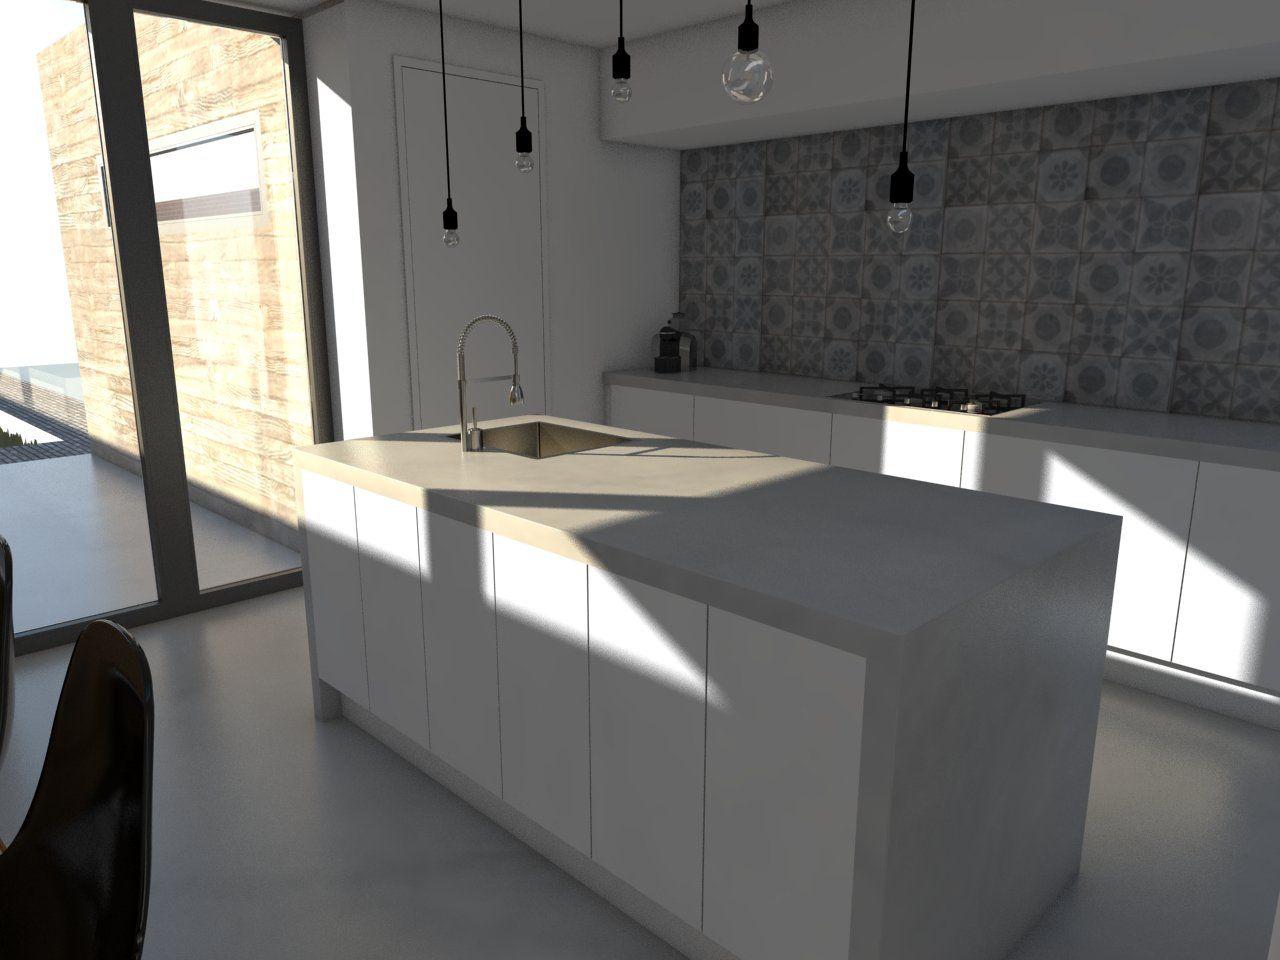 doorlopend blad als idee afsluiting keuken richting woonkamer ...